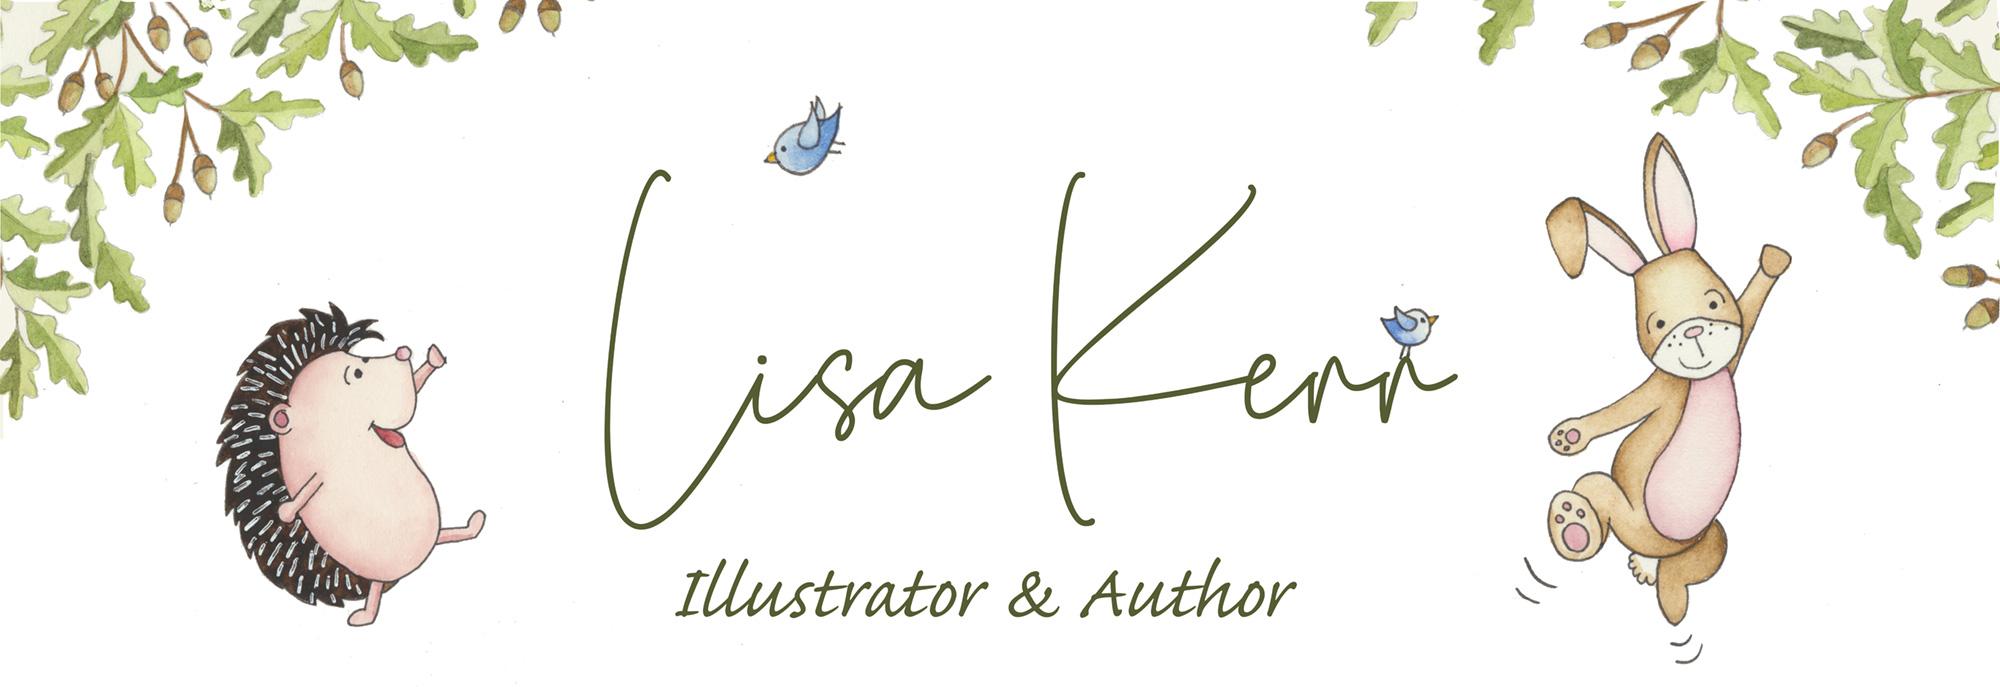 Lisa Kerr Illustrator – Author